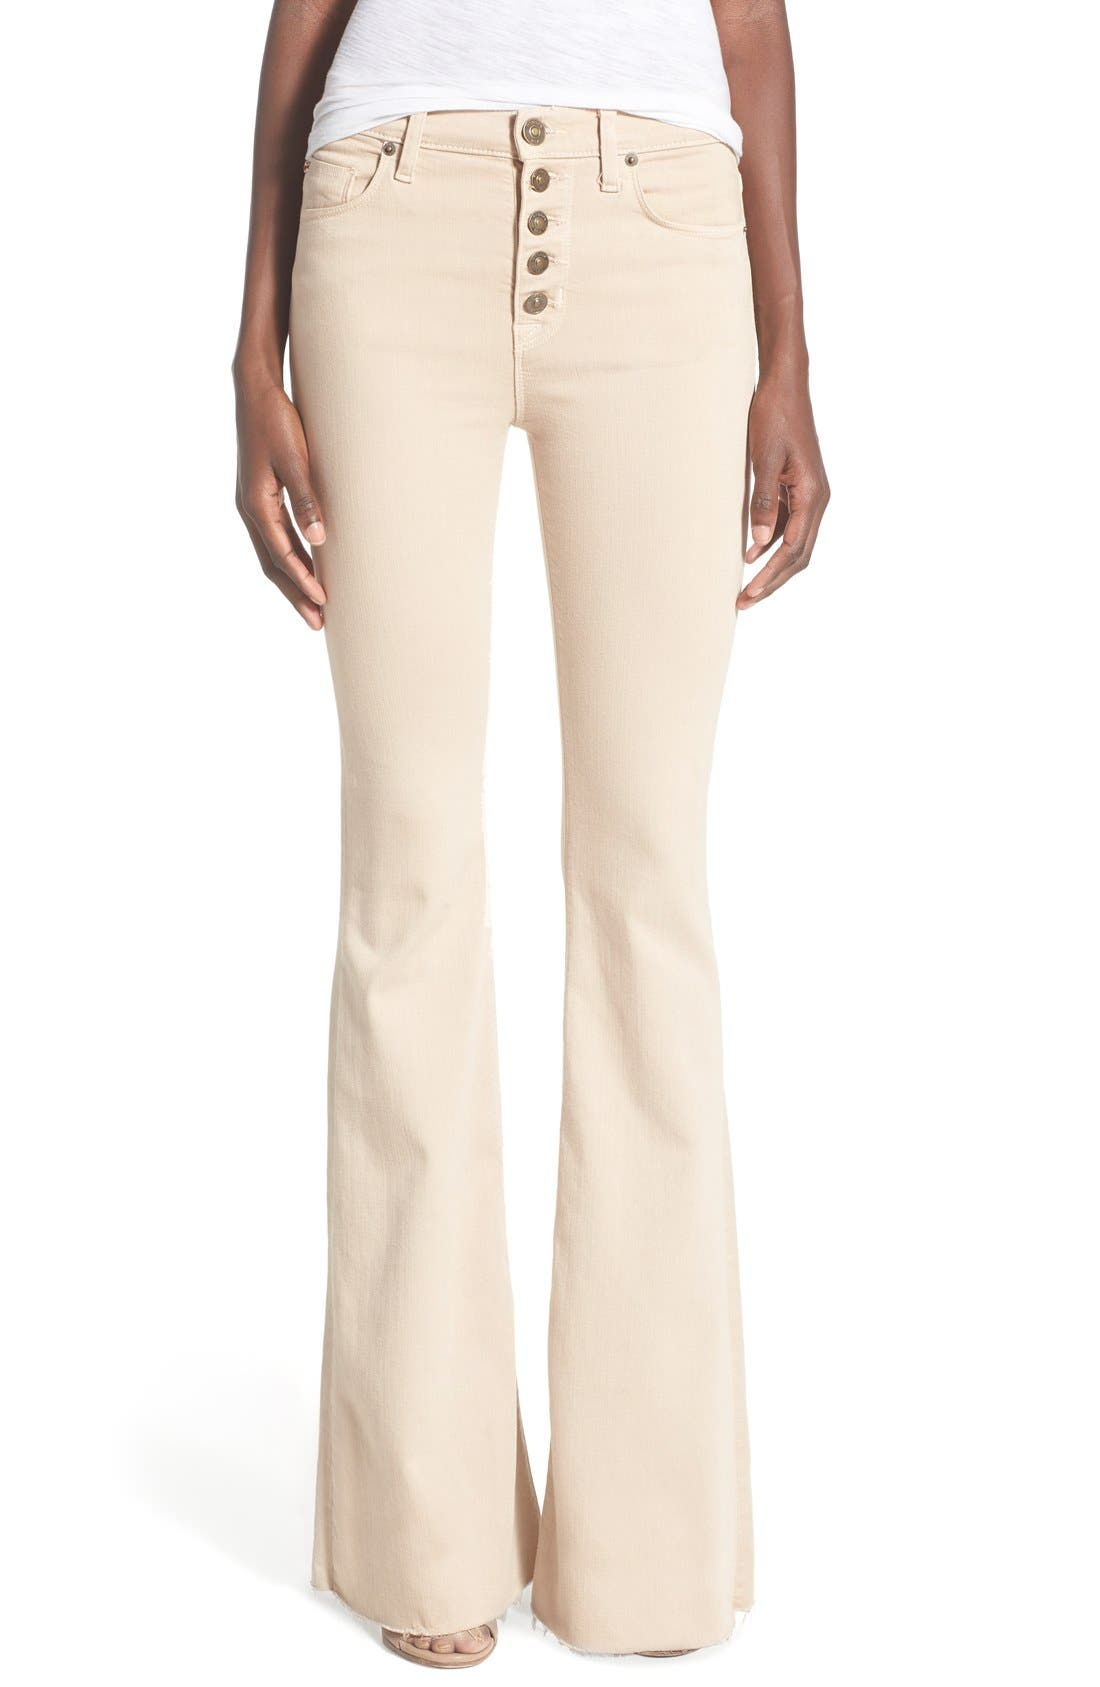 Alternate Image 1 Selected - Hudson Jeans 'Jodi' Flare Jeans (Parachute Khaki)